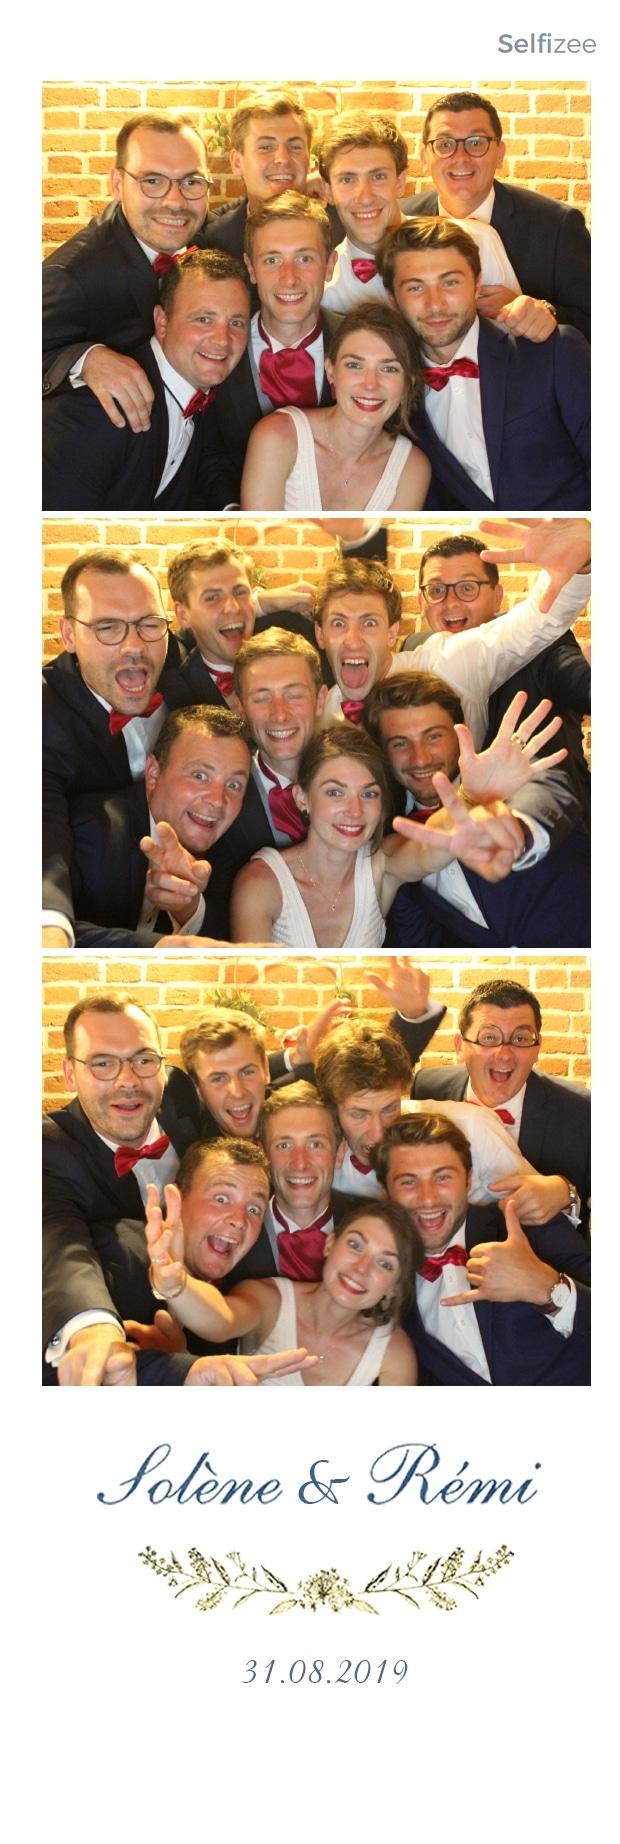 Impressions photos et selfies personnalisés mariage Orléans - borne photo à louer pour animation mariage, anniversaire, fête, baptême, soirée à Orléans et dans le Loiret